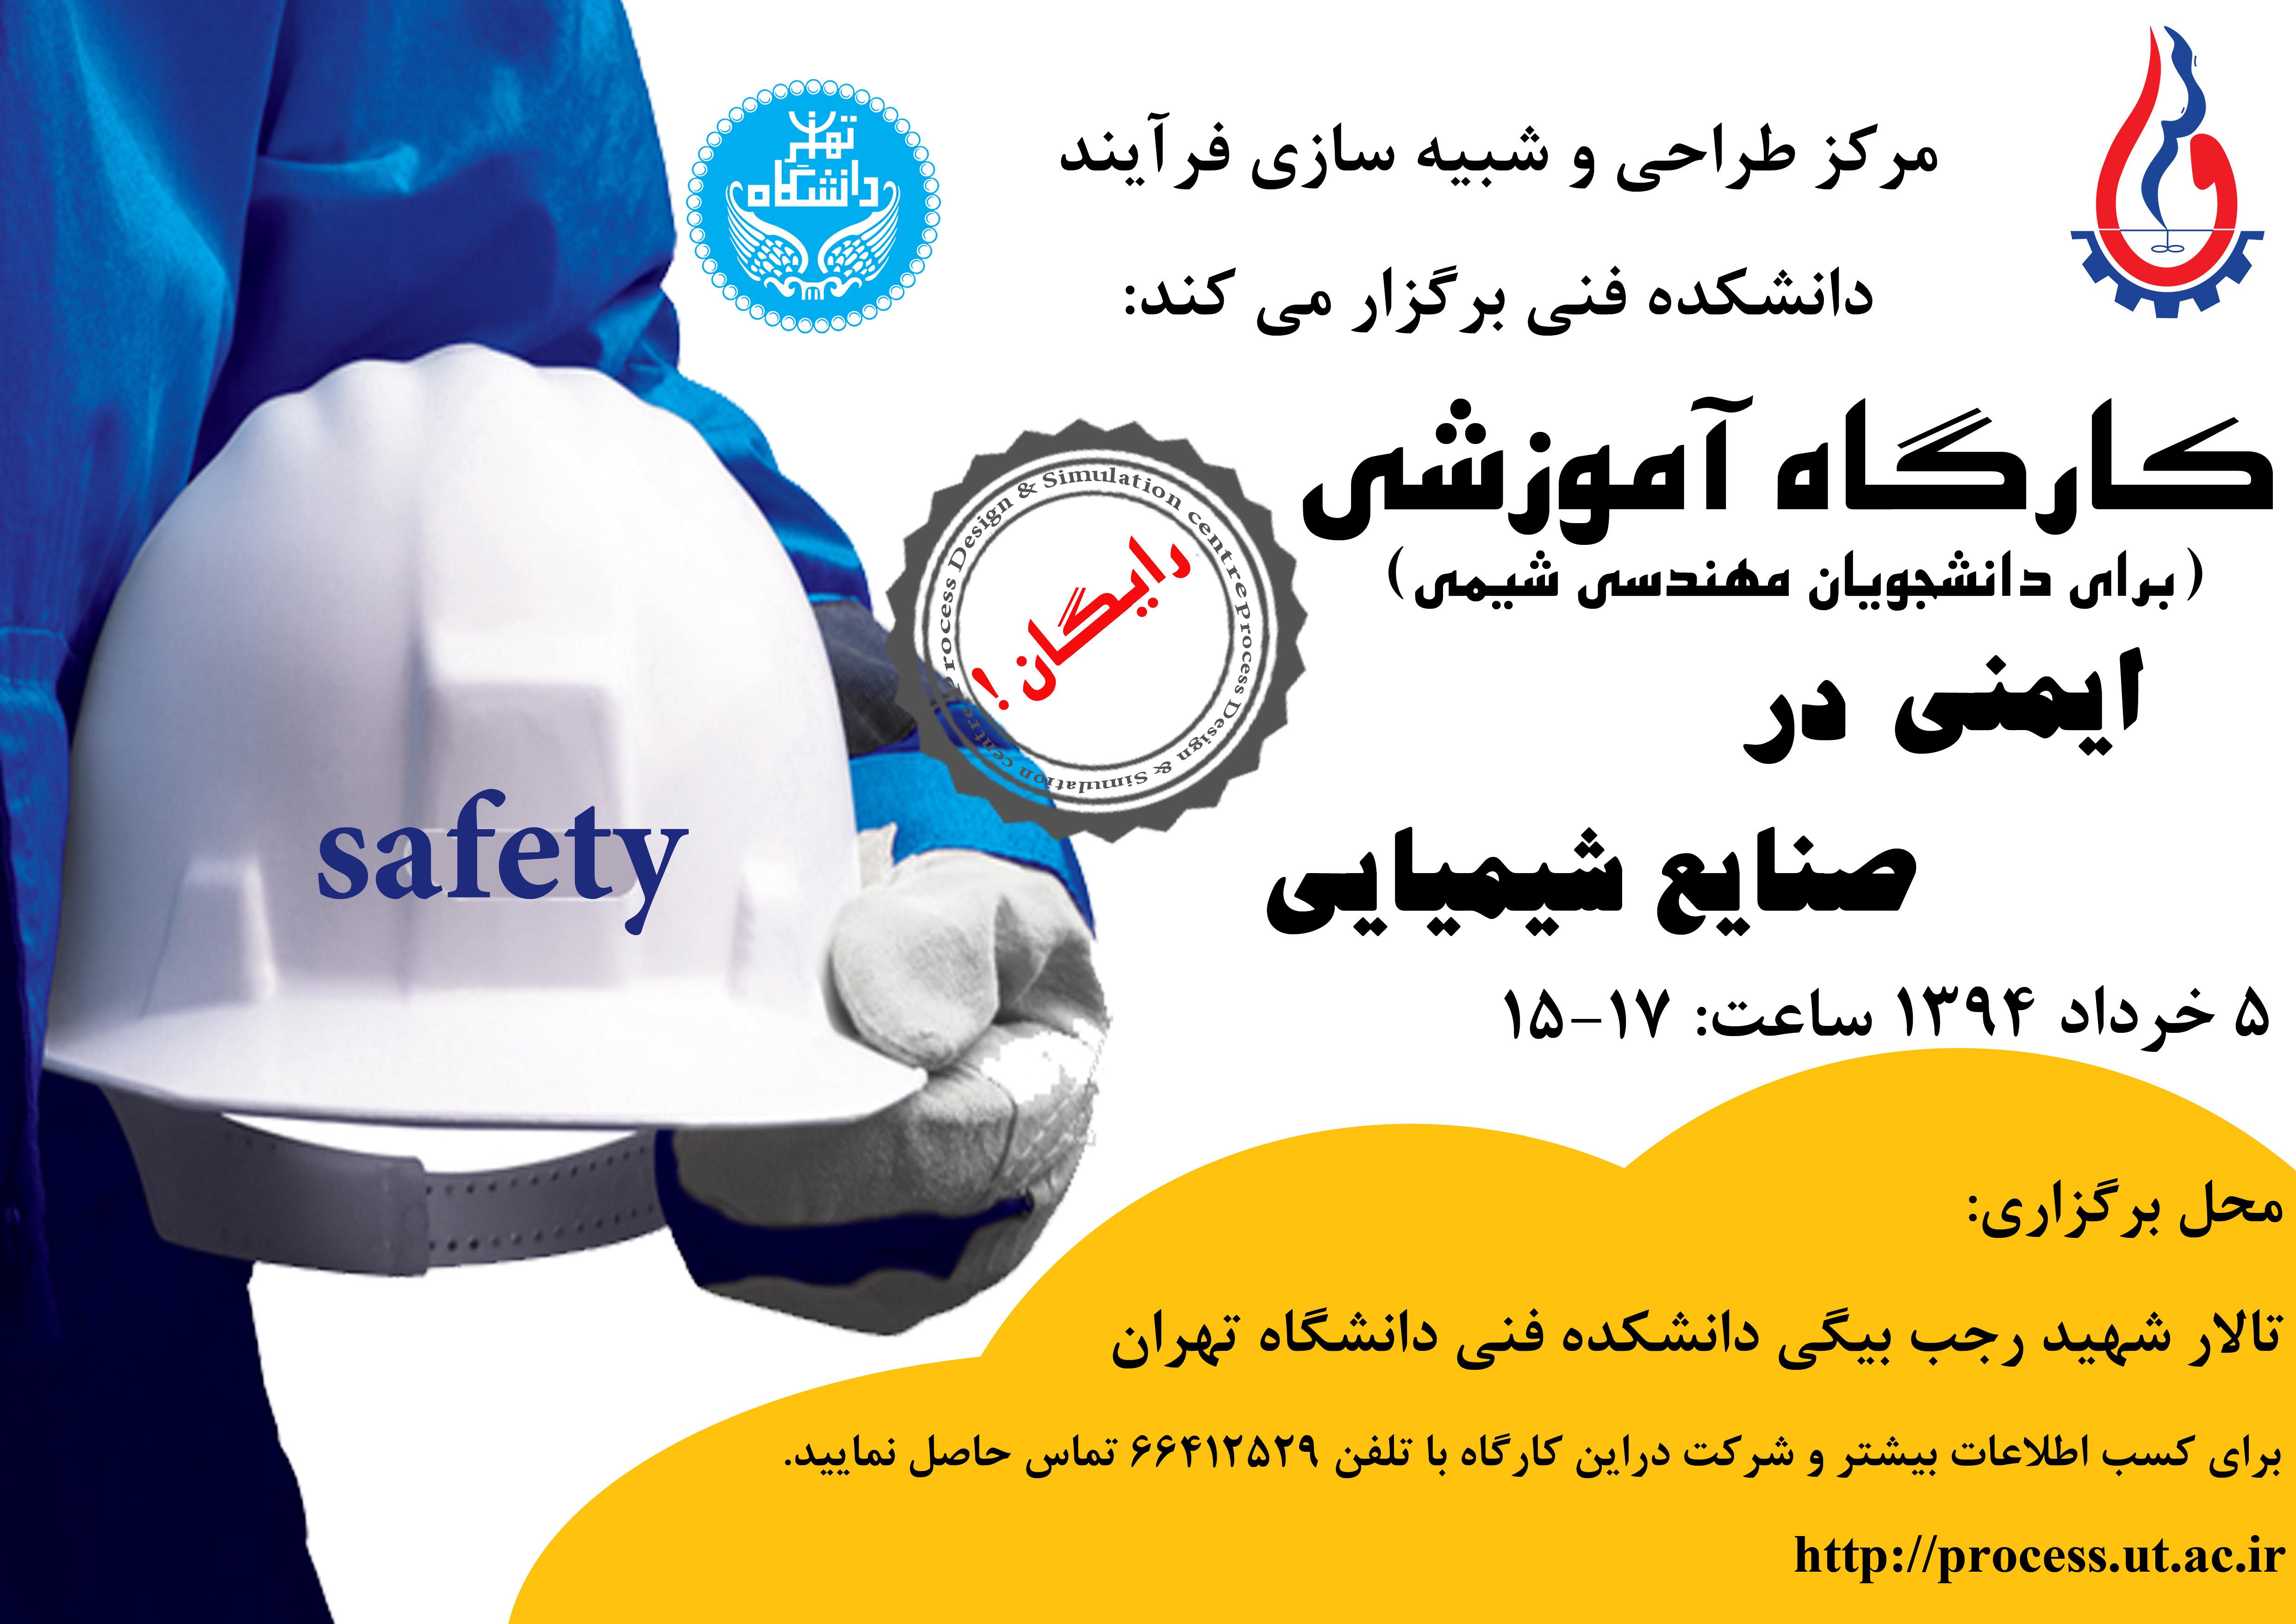 پوستر ایمنی خرداد 94